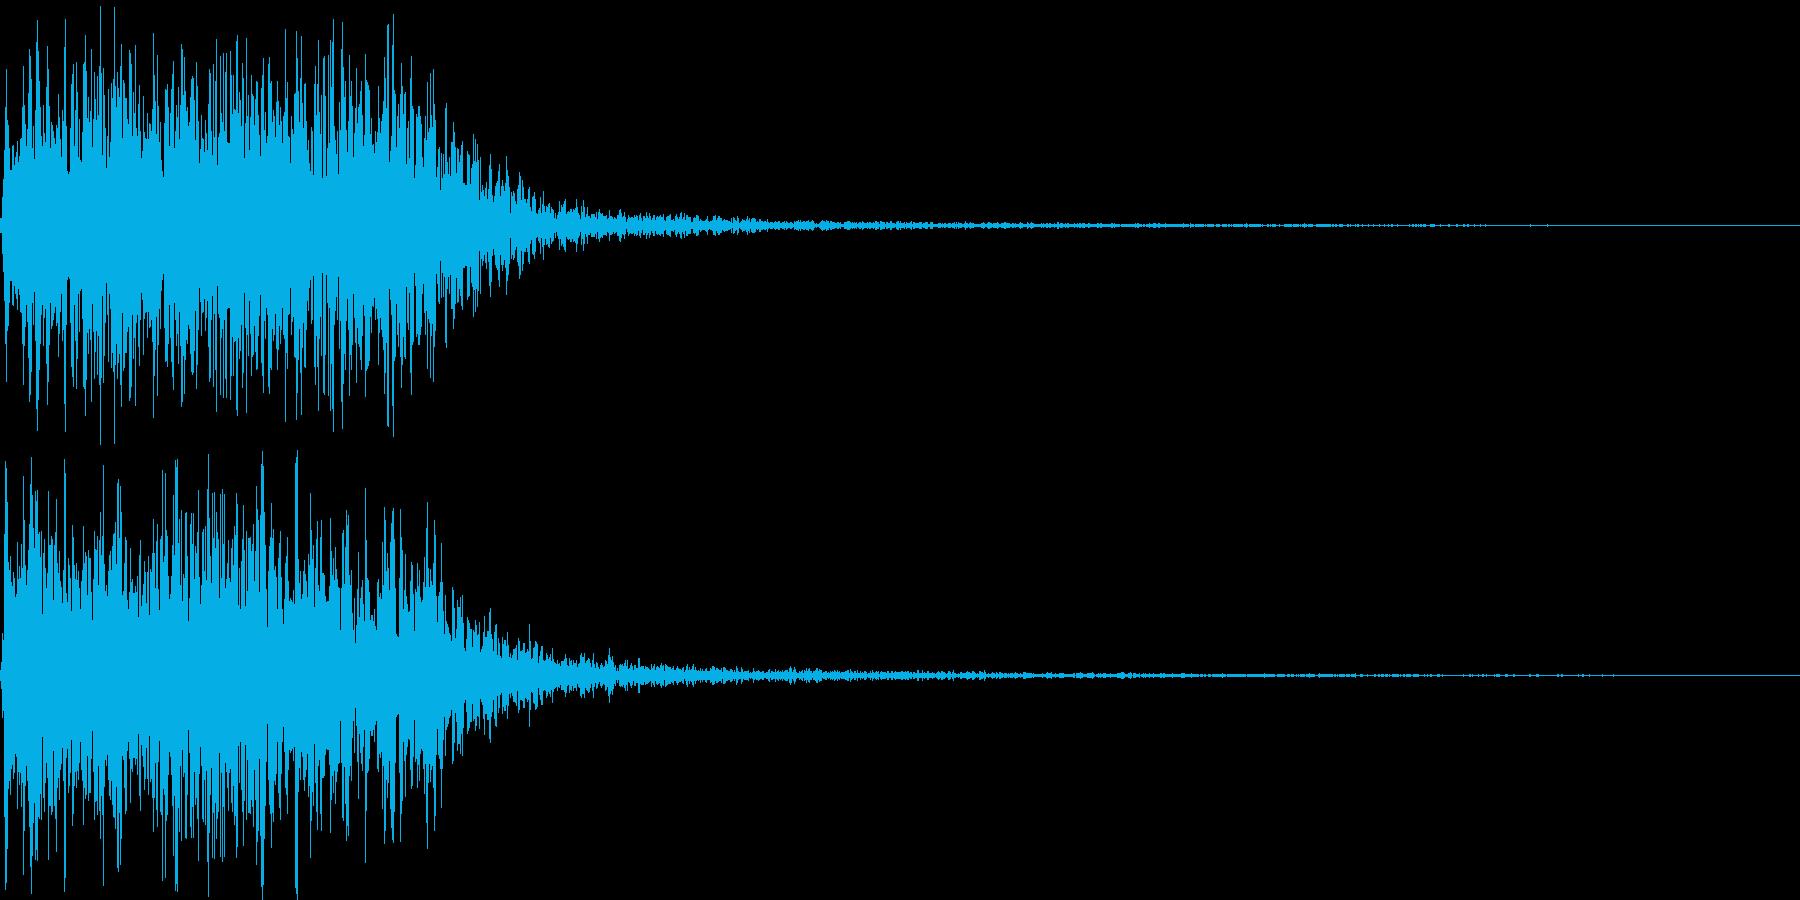 吹きすさぶ風・竜巻系の魔法(高2)sの再生済みの波形